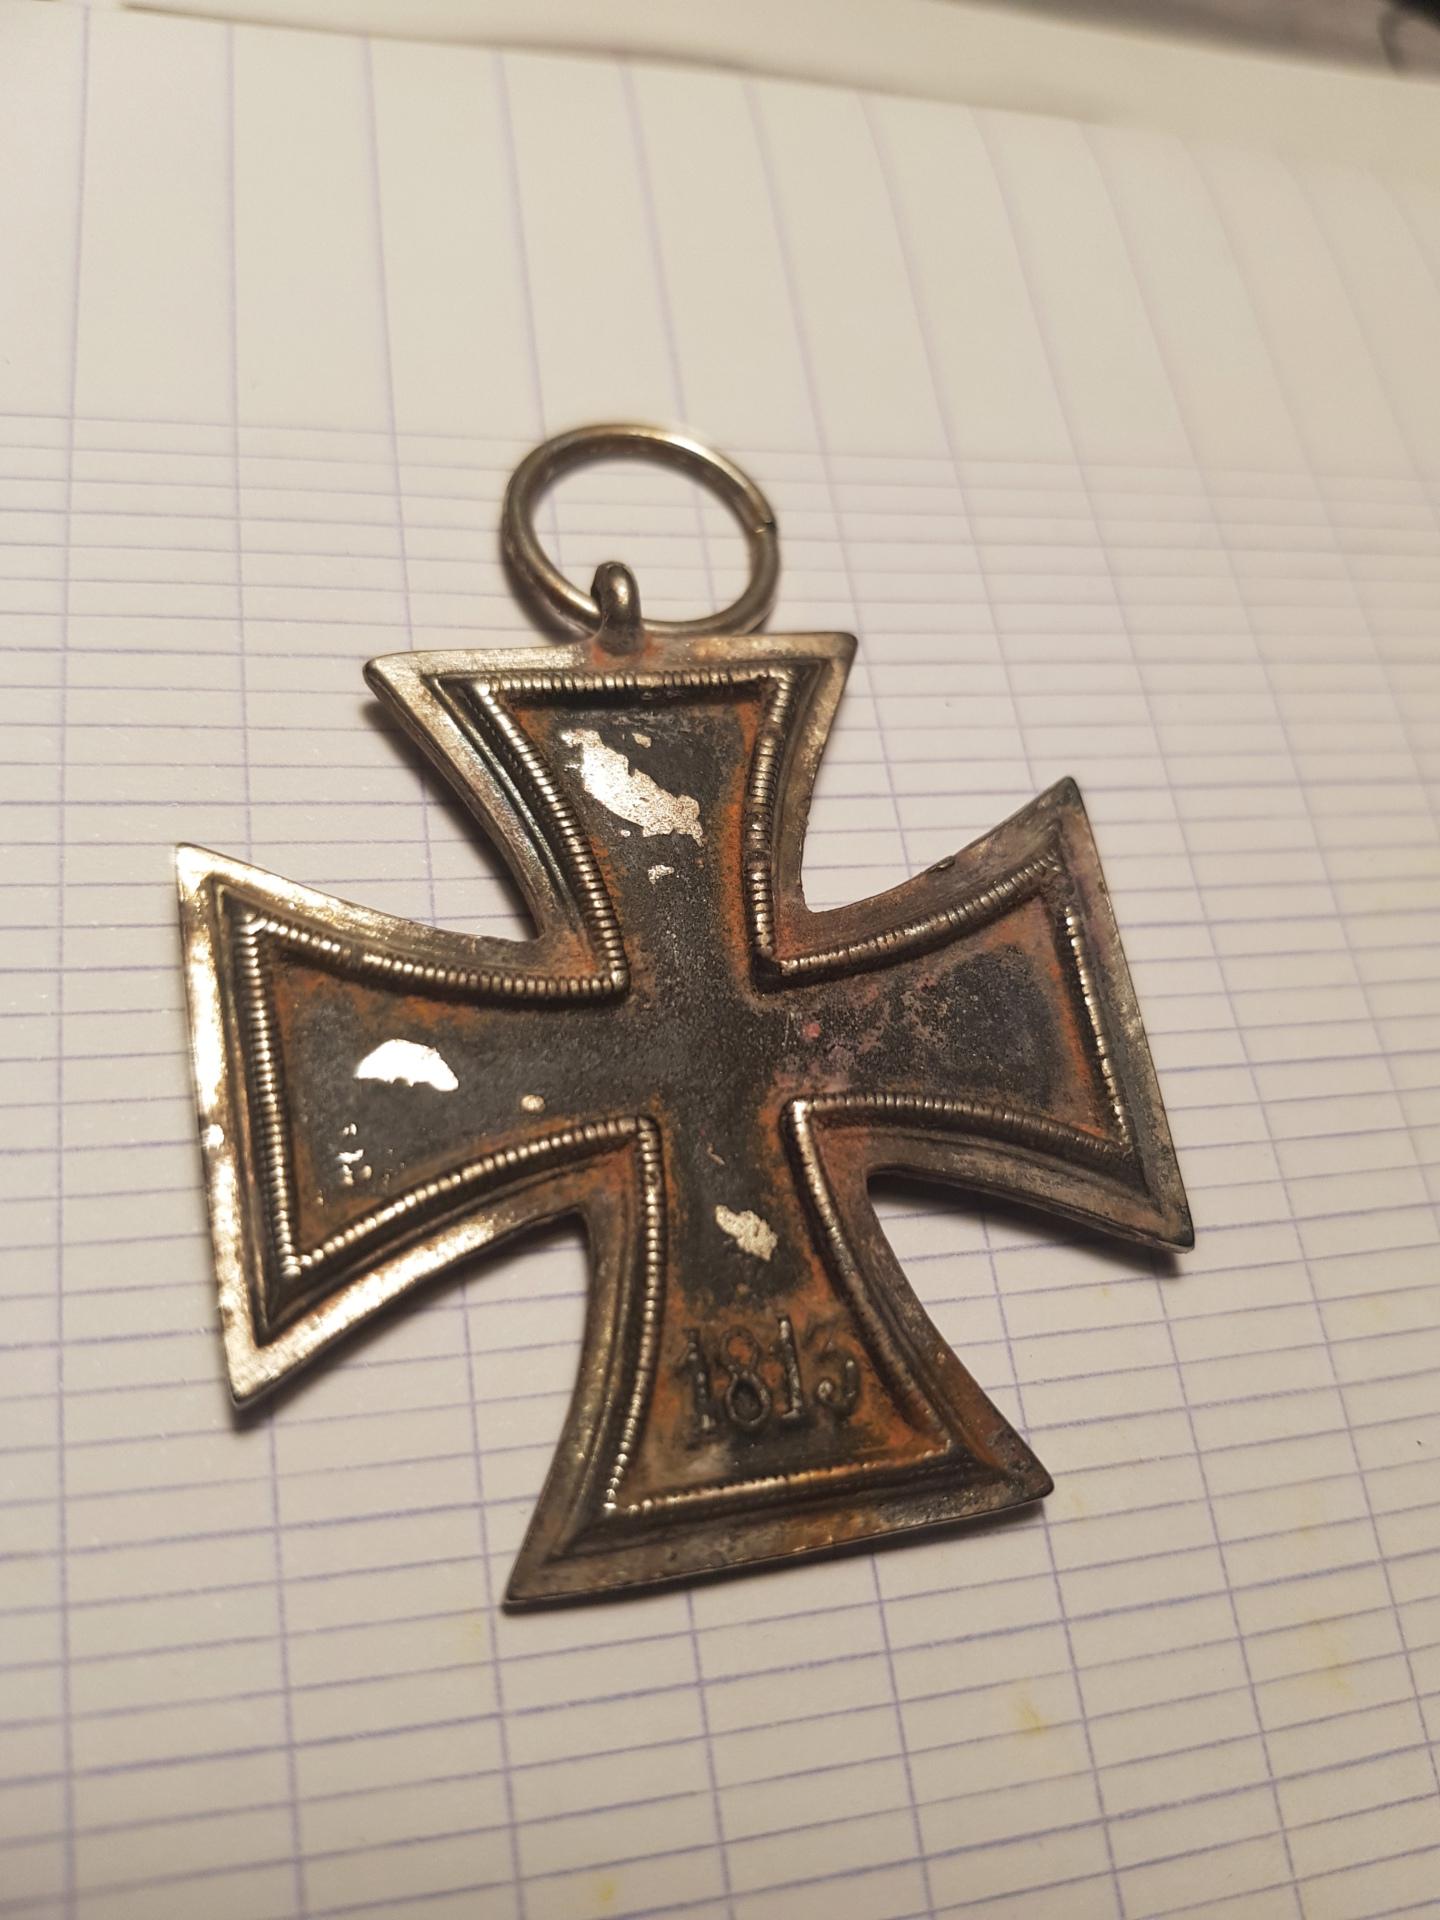 Authentification croix de fer ww2 20190617